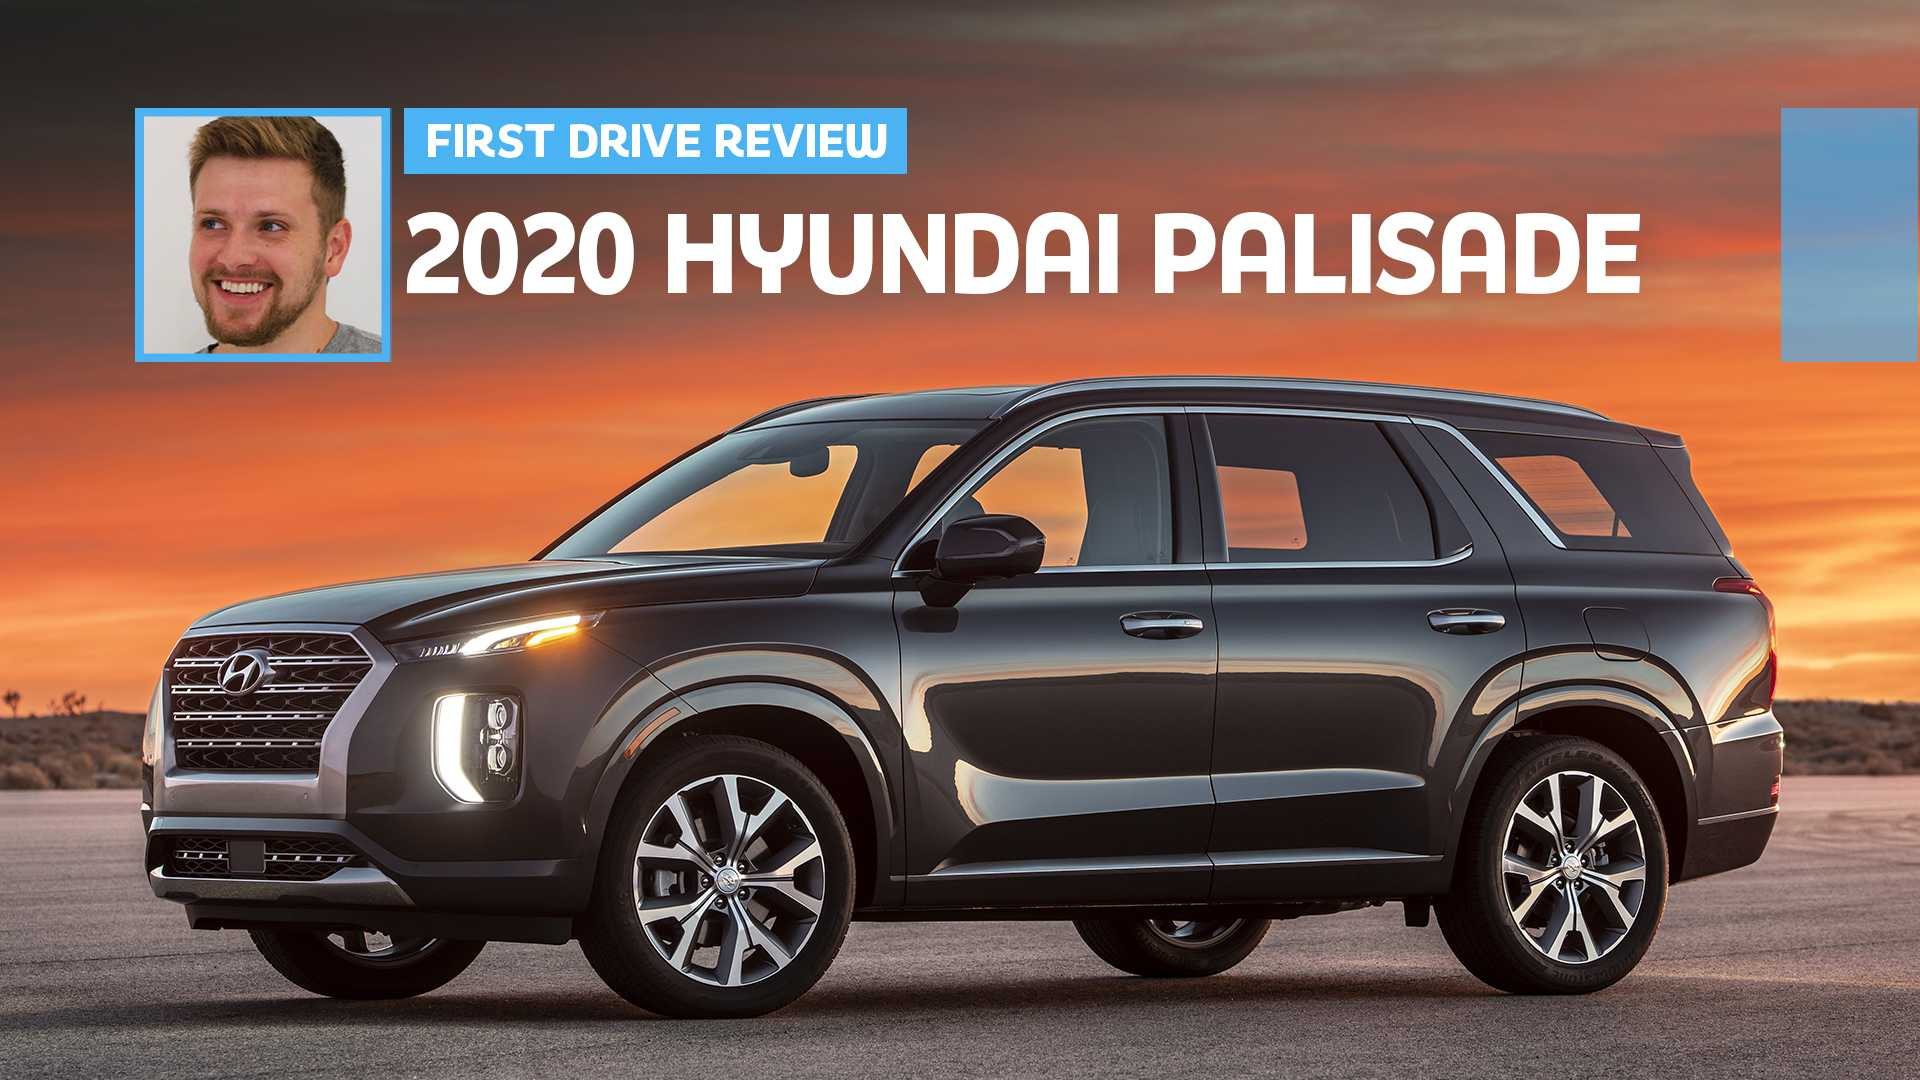 53 The 2020 Hyundai Palisade Review History with 2020 Hyundai Palisade Review